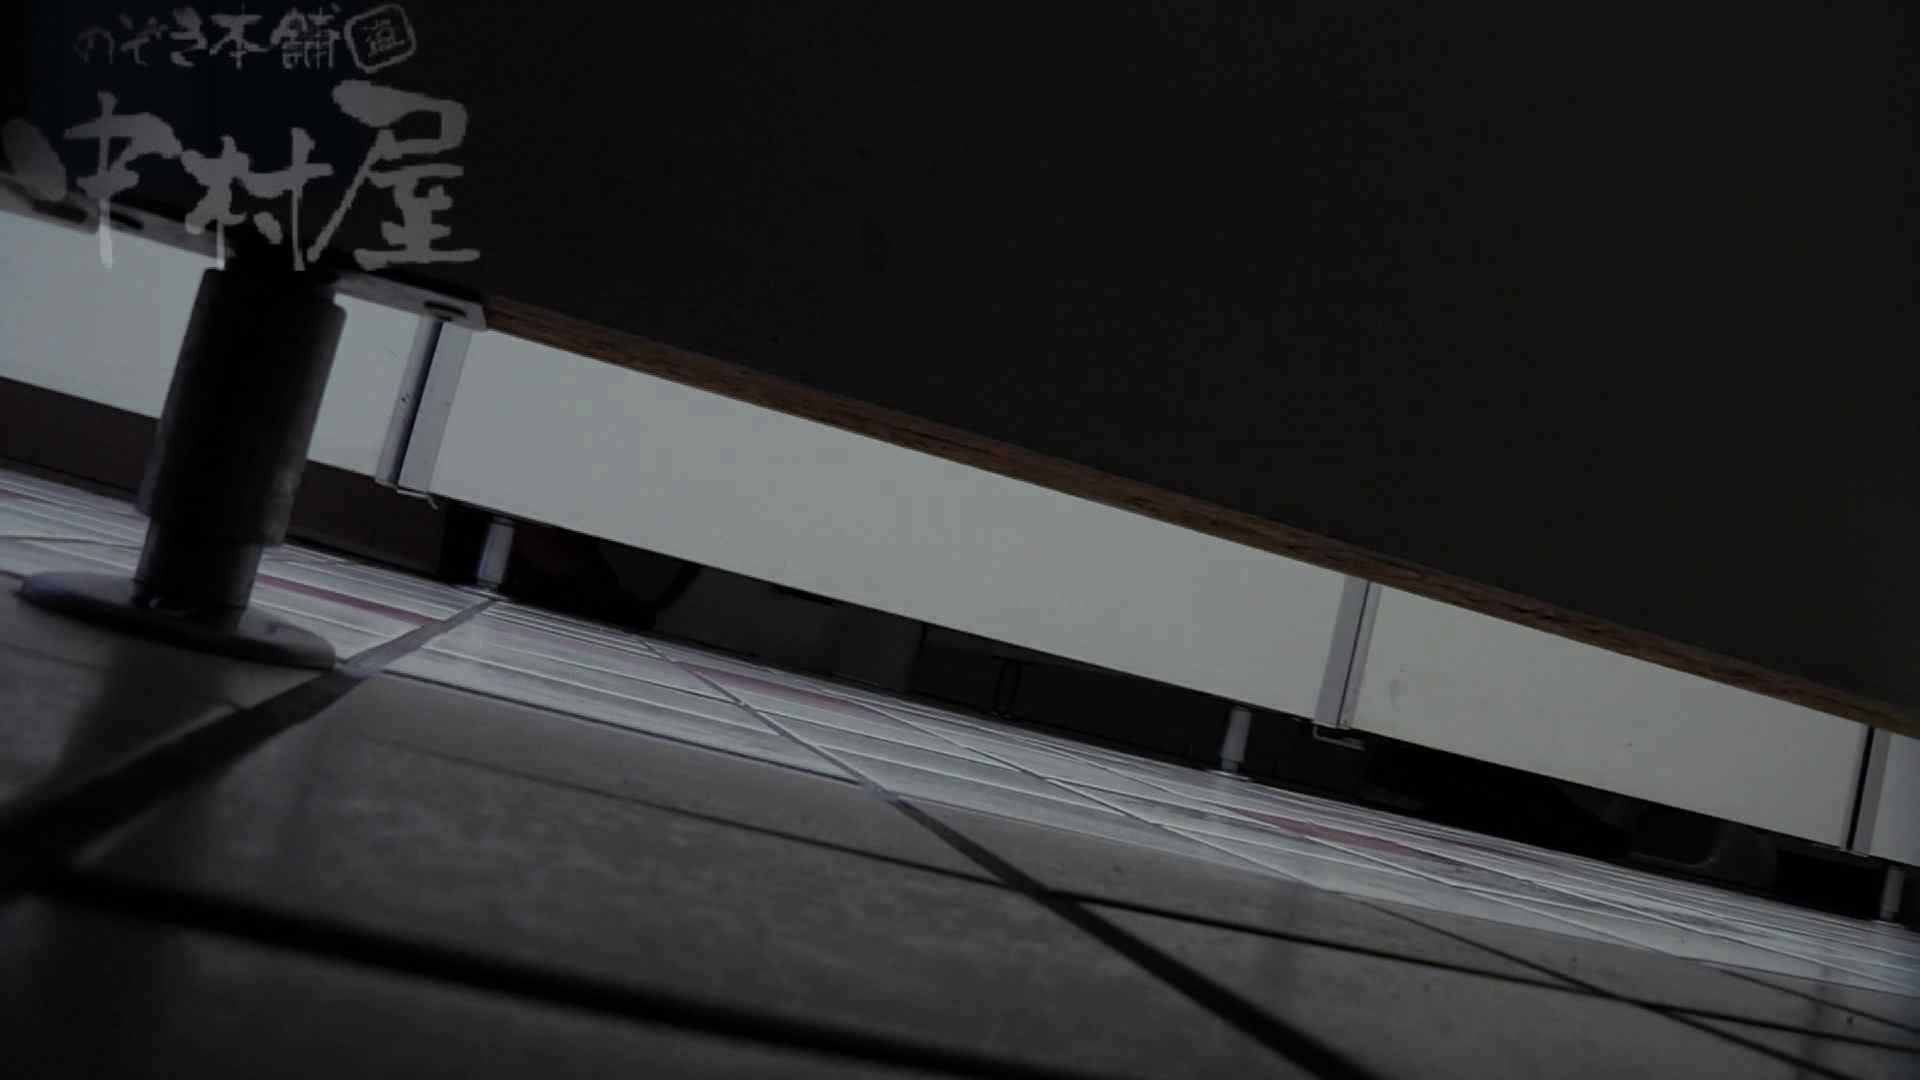 巨乳おまんこ:美しい日本の未来 No.34 緊迫!予告モデル撮ろうとしたら清掃員に遭遇:のぞき本舗 中村屋